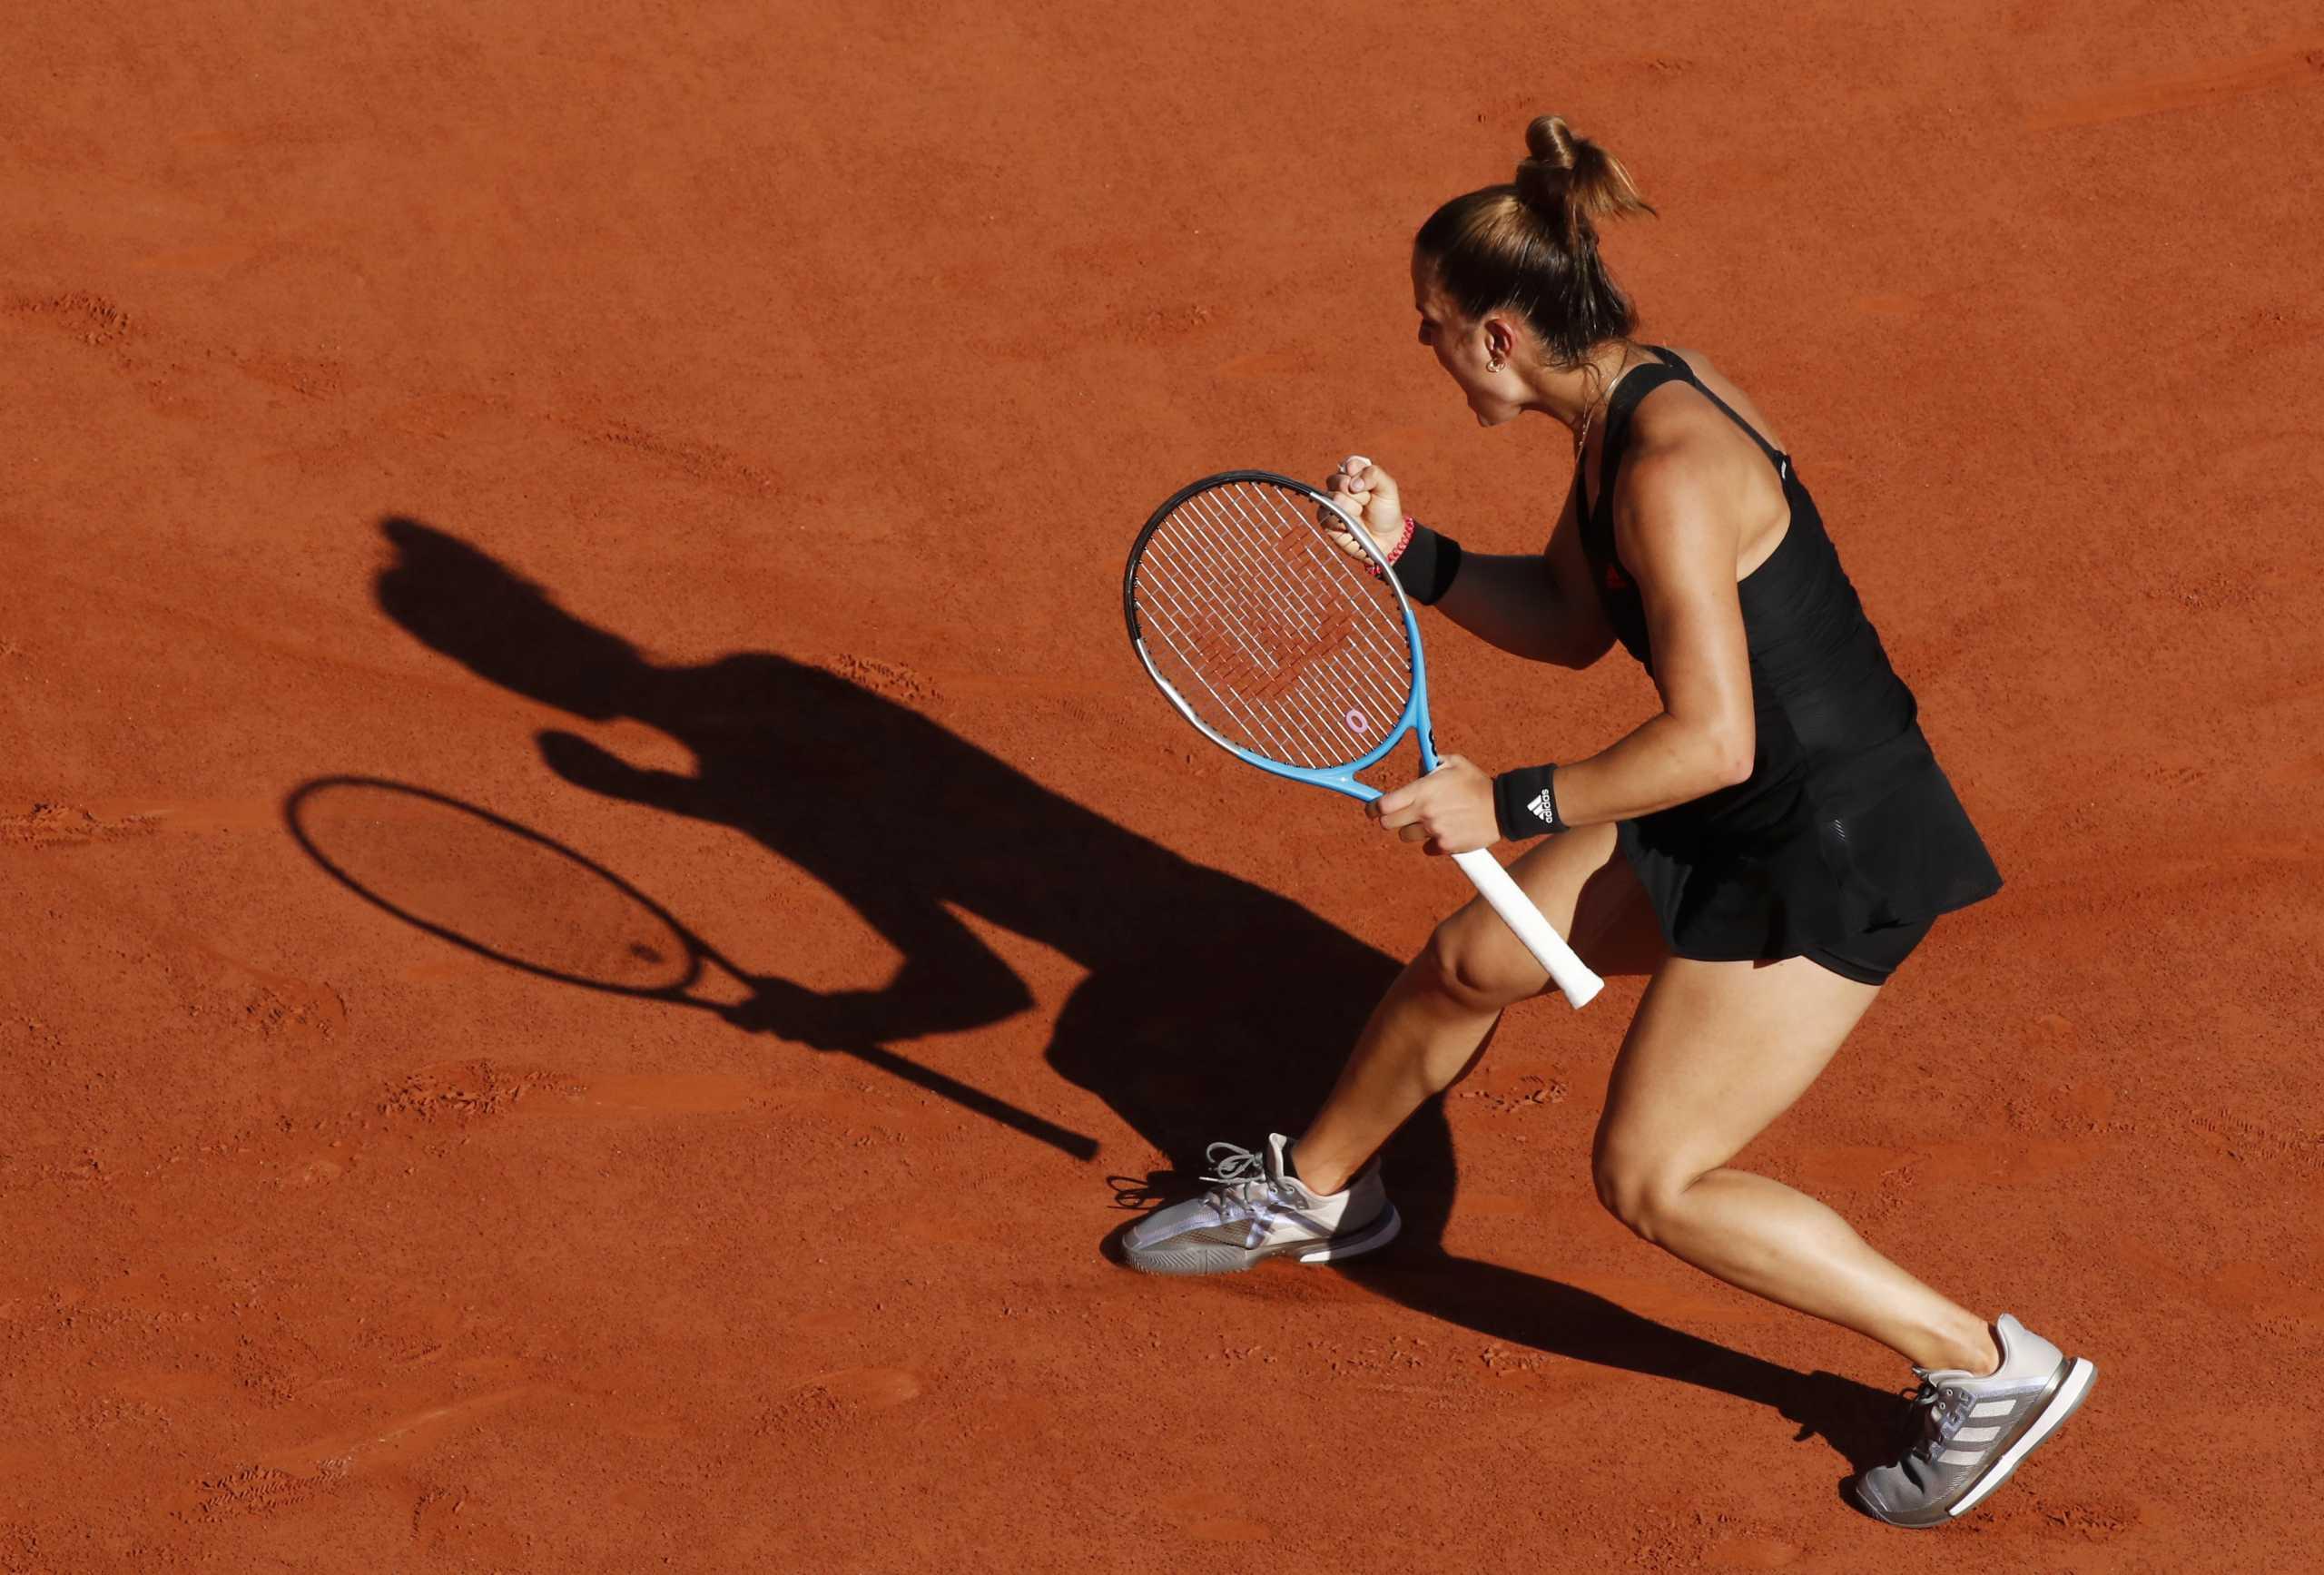 Μαρία Σάκκαρη: Υποκλίθηκε το Roland Garros στην Ελληνίδα «πολεμίστρια»